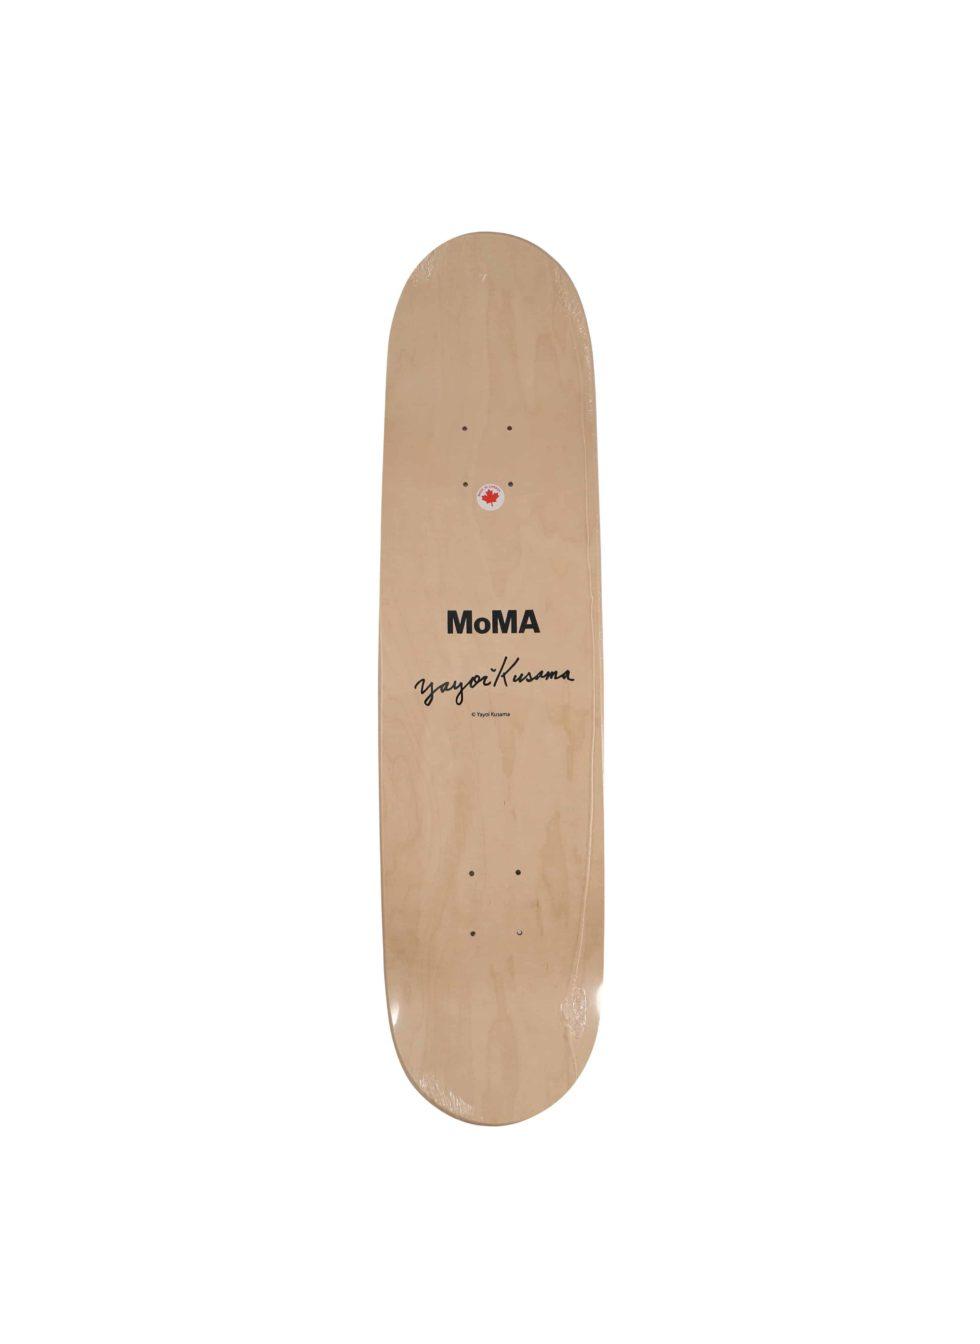 Lot #9827 – Yayoi Kusama Red Dots Big Skateboard Skate Deck Skateboard Decks Yayoi Kusama Skateboard